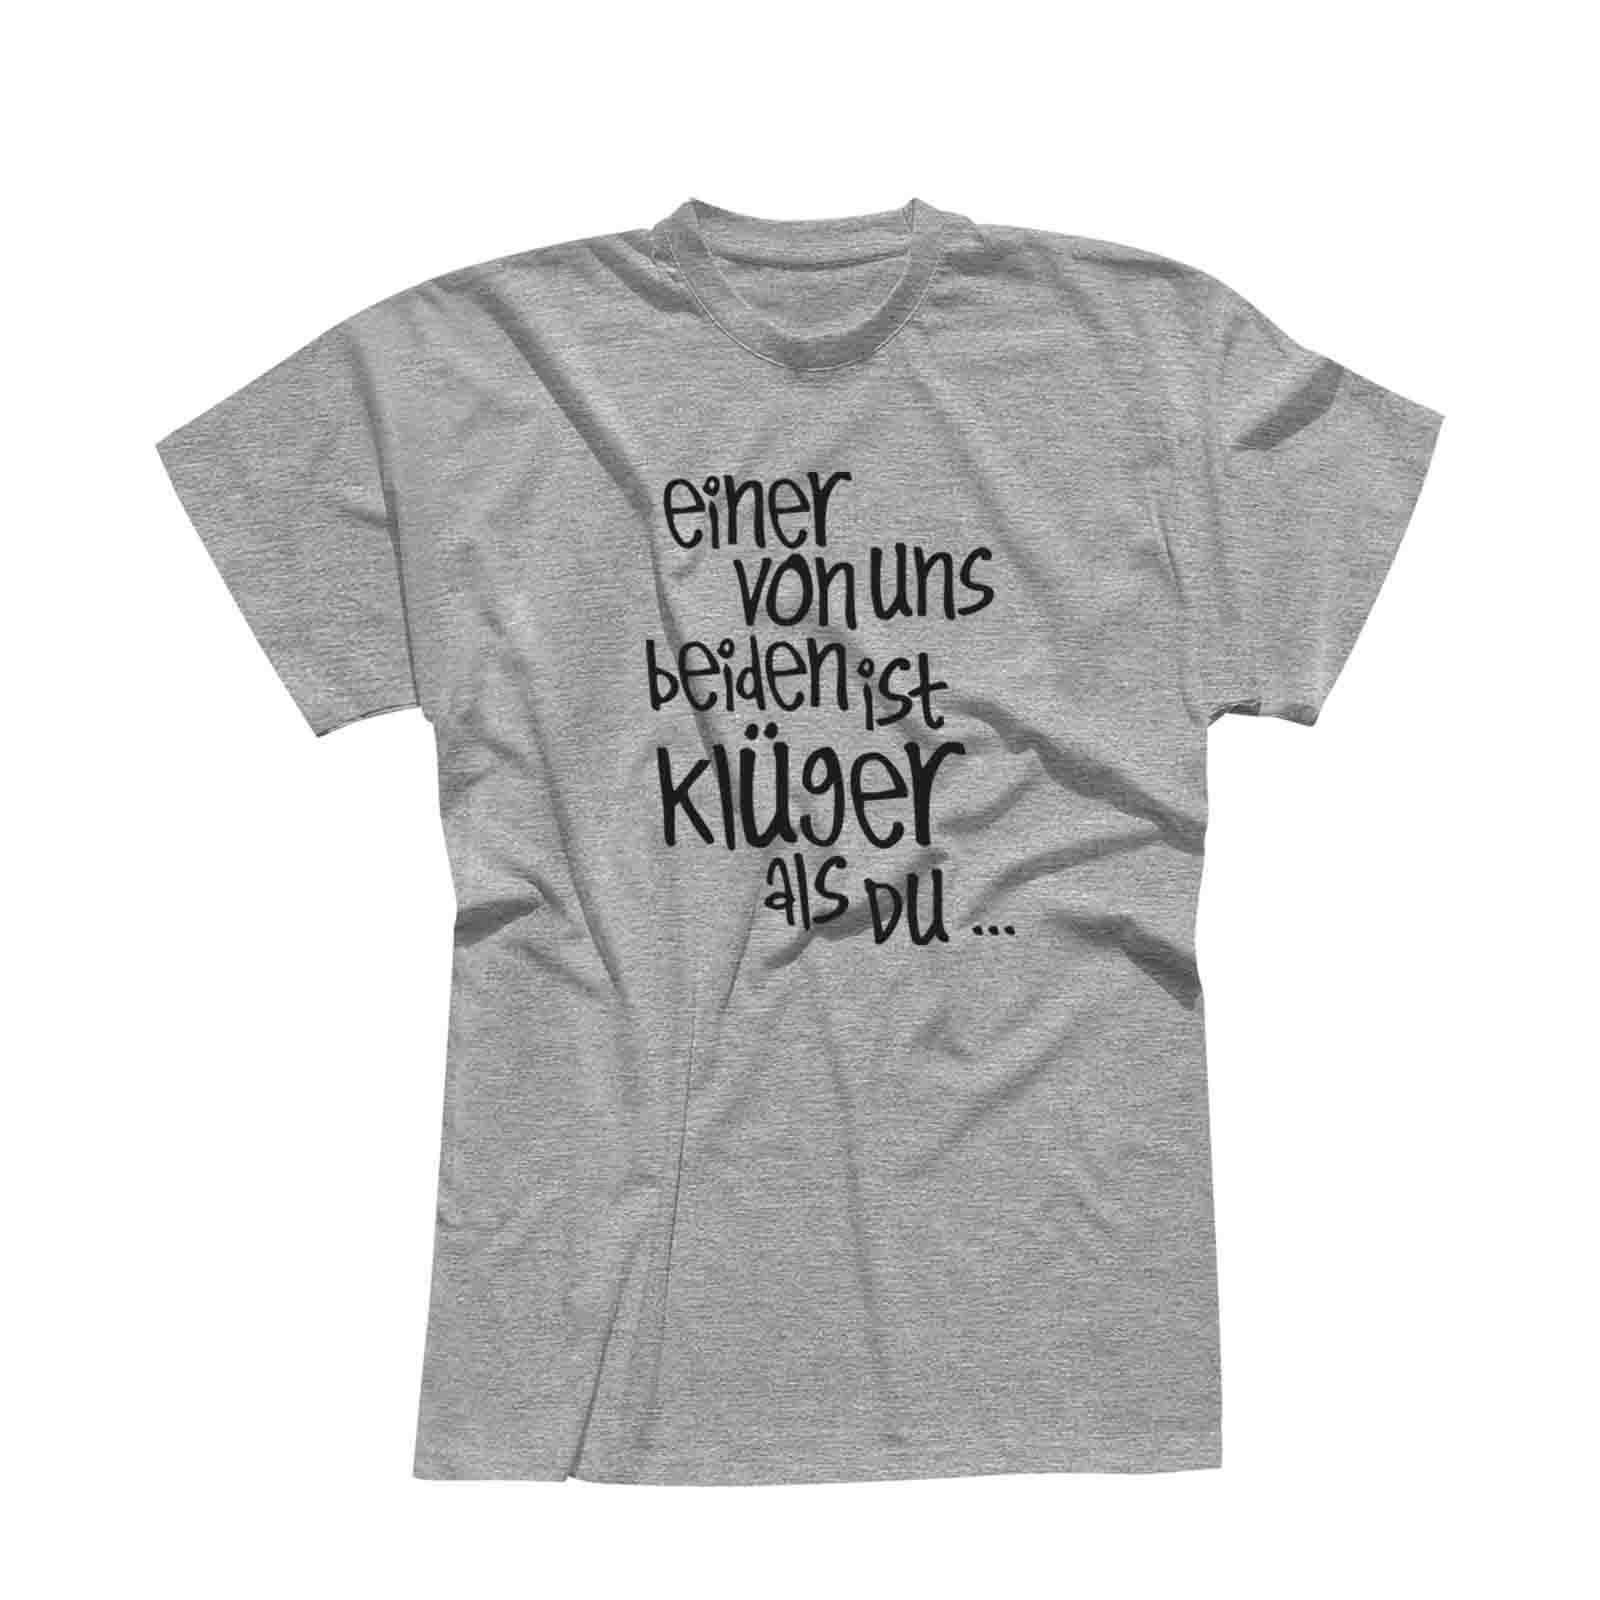 Full Size of T Shirt Spruch Einer Von Uns Beiden Ist Klger Als Du Witz 13 Junggesellenabschied T Shirt Sprüche Wandtattoo Männer Wandsprüche Für Die Küche Lustige Küche Coole T Shirt Sprüche